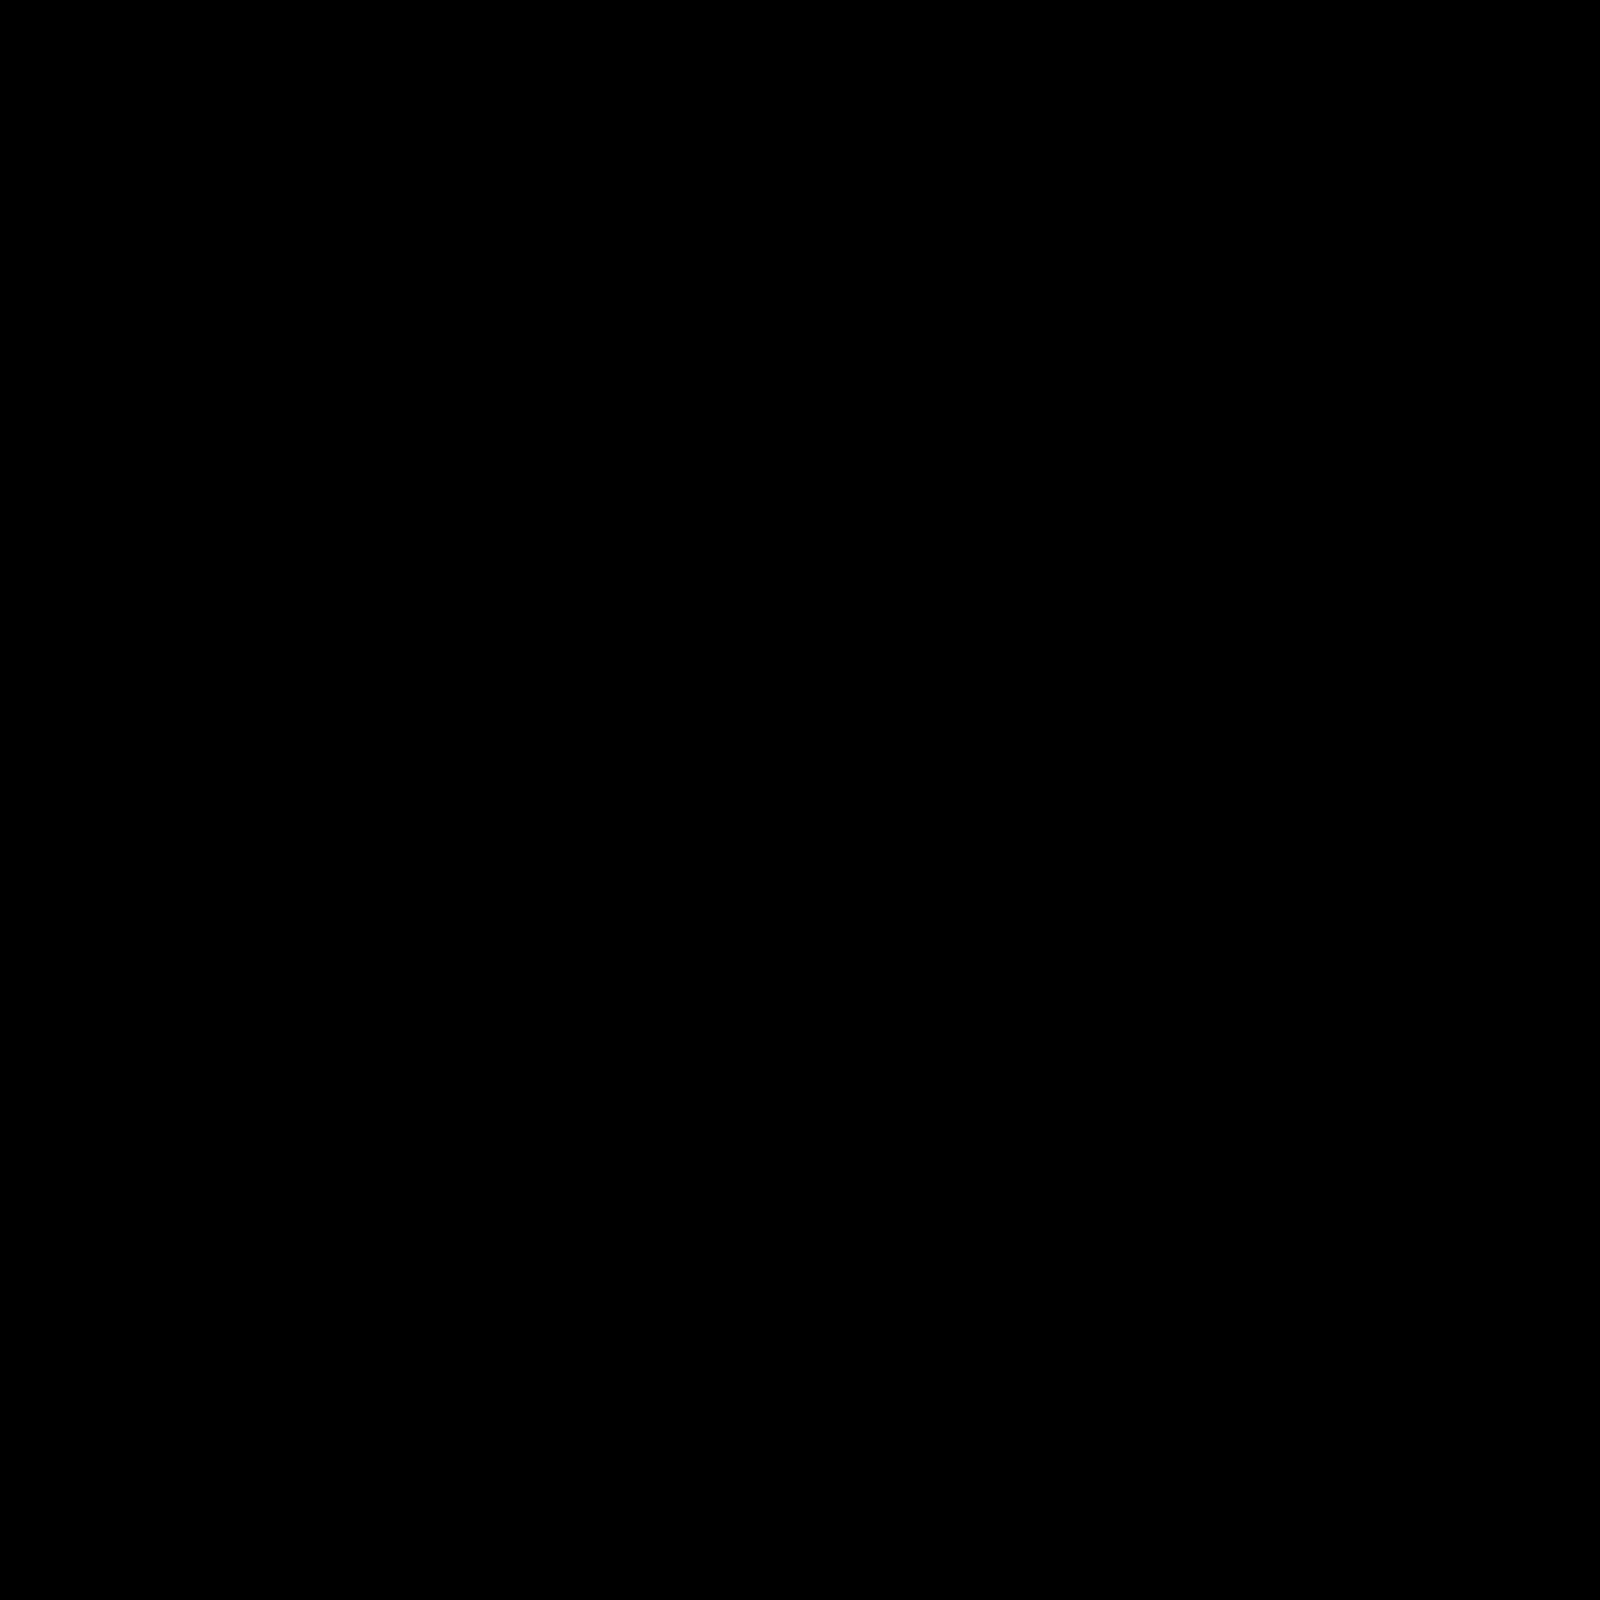 Torre di Trasmissione icon